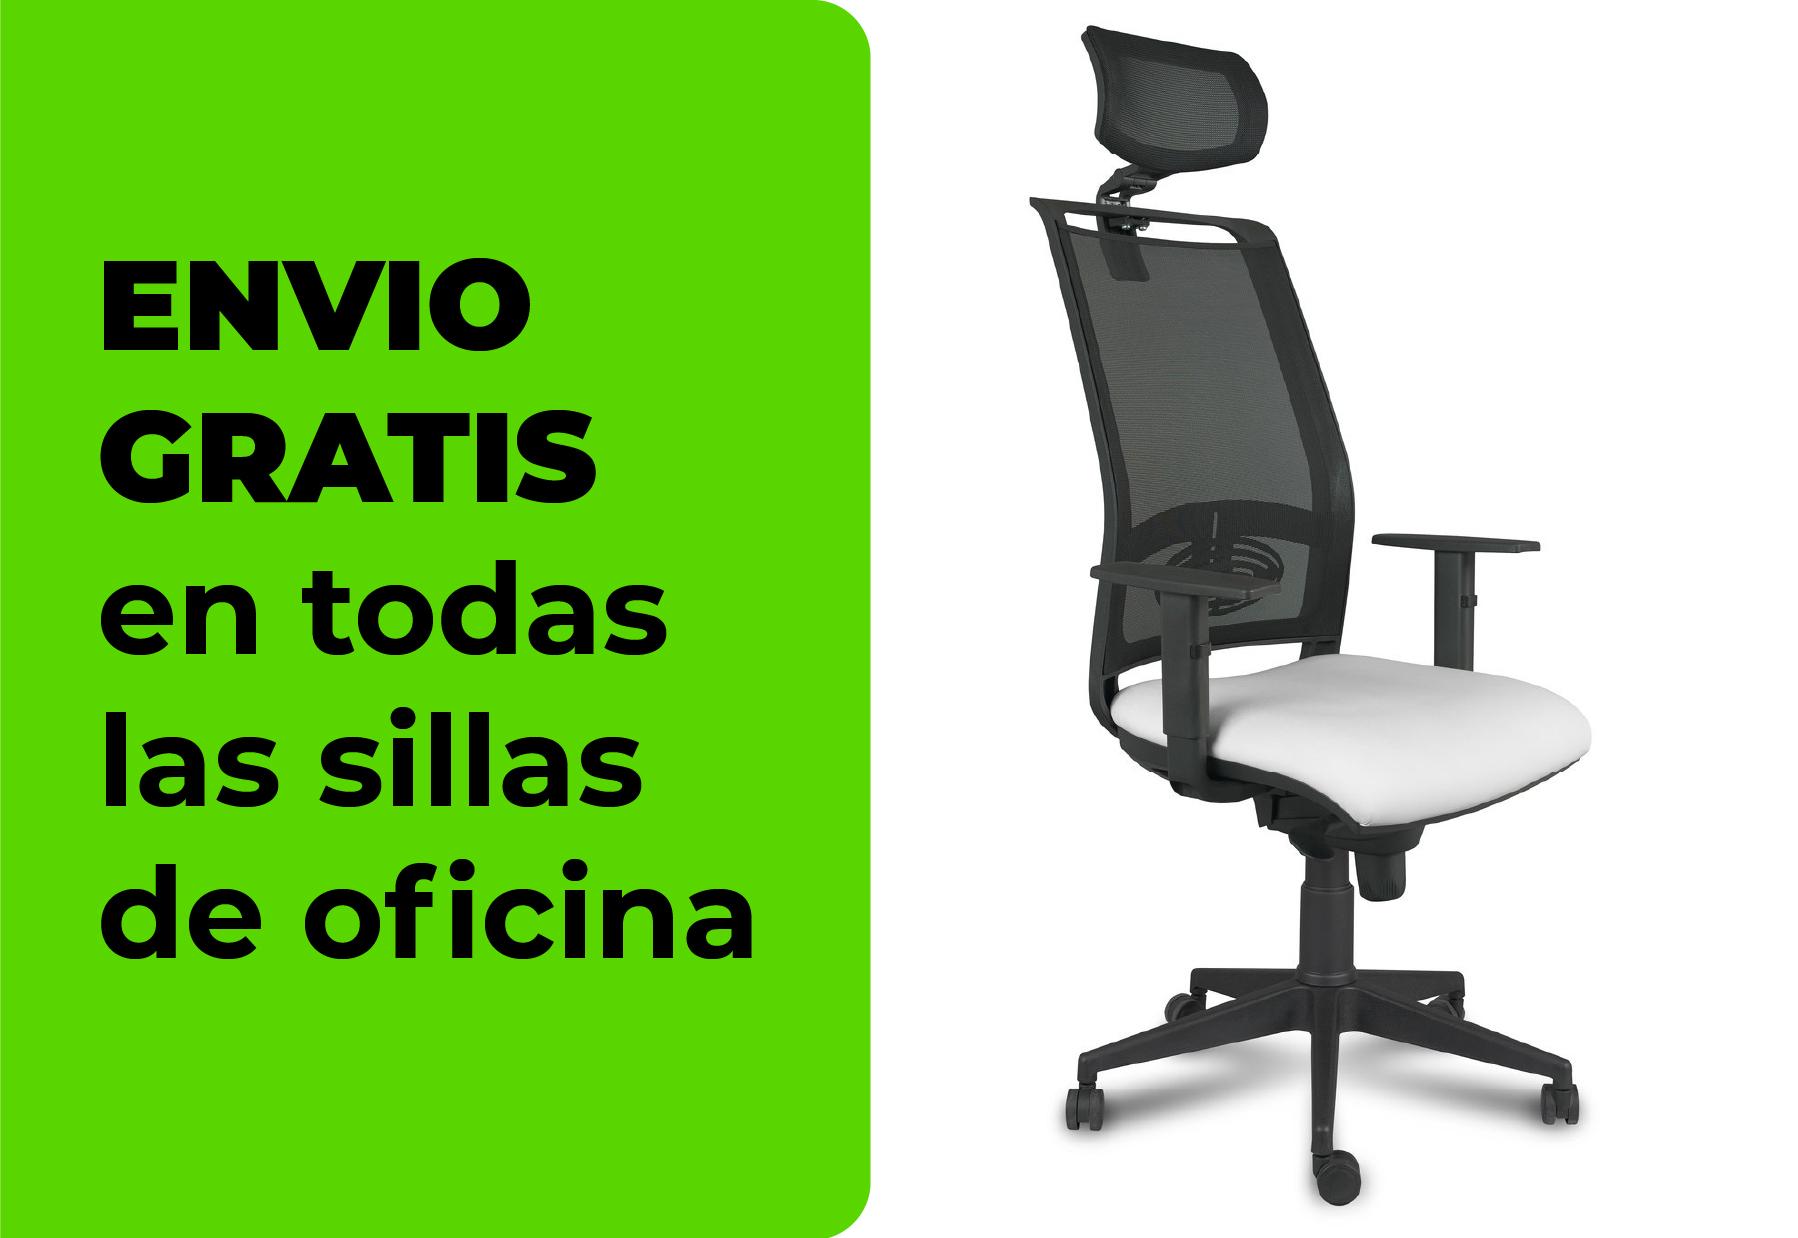 https://transportable.es/47-sillas-de-oficina